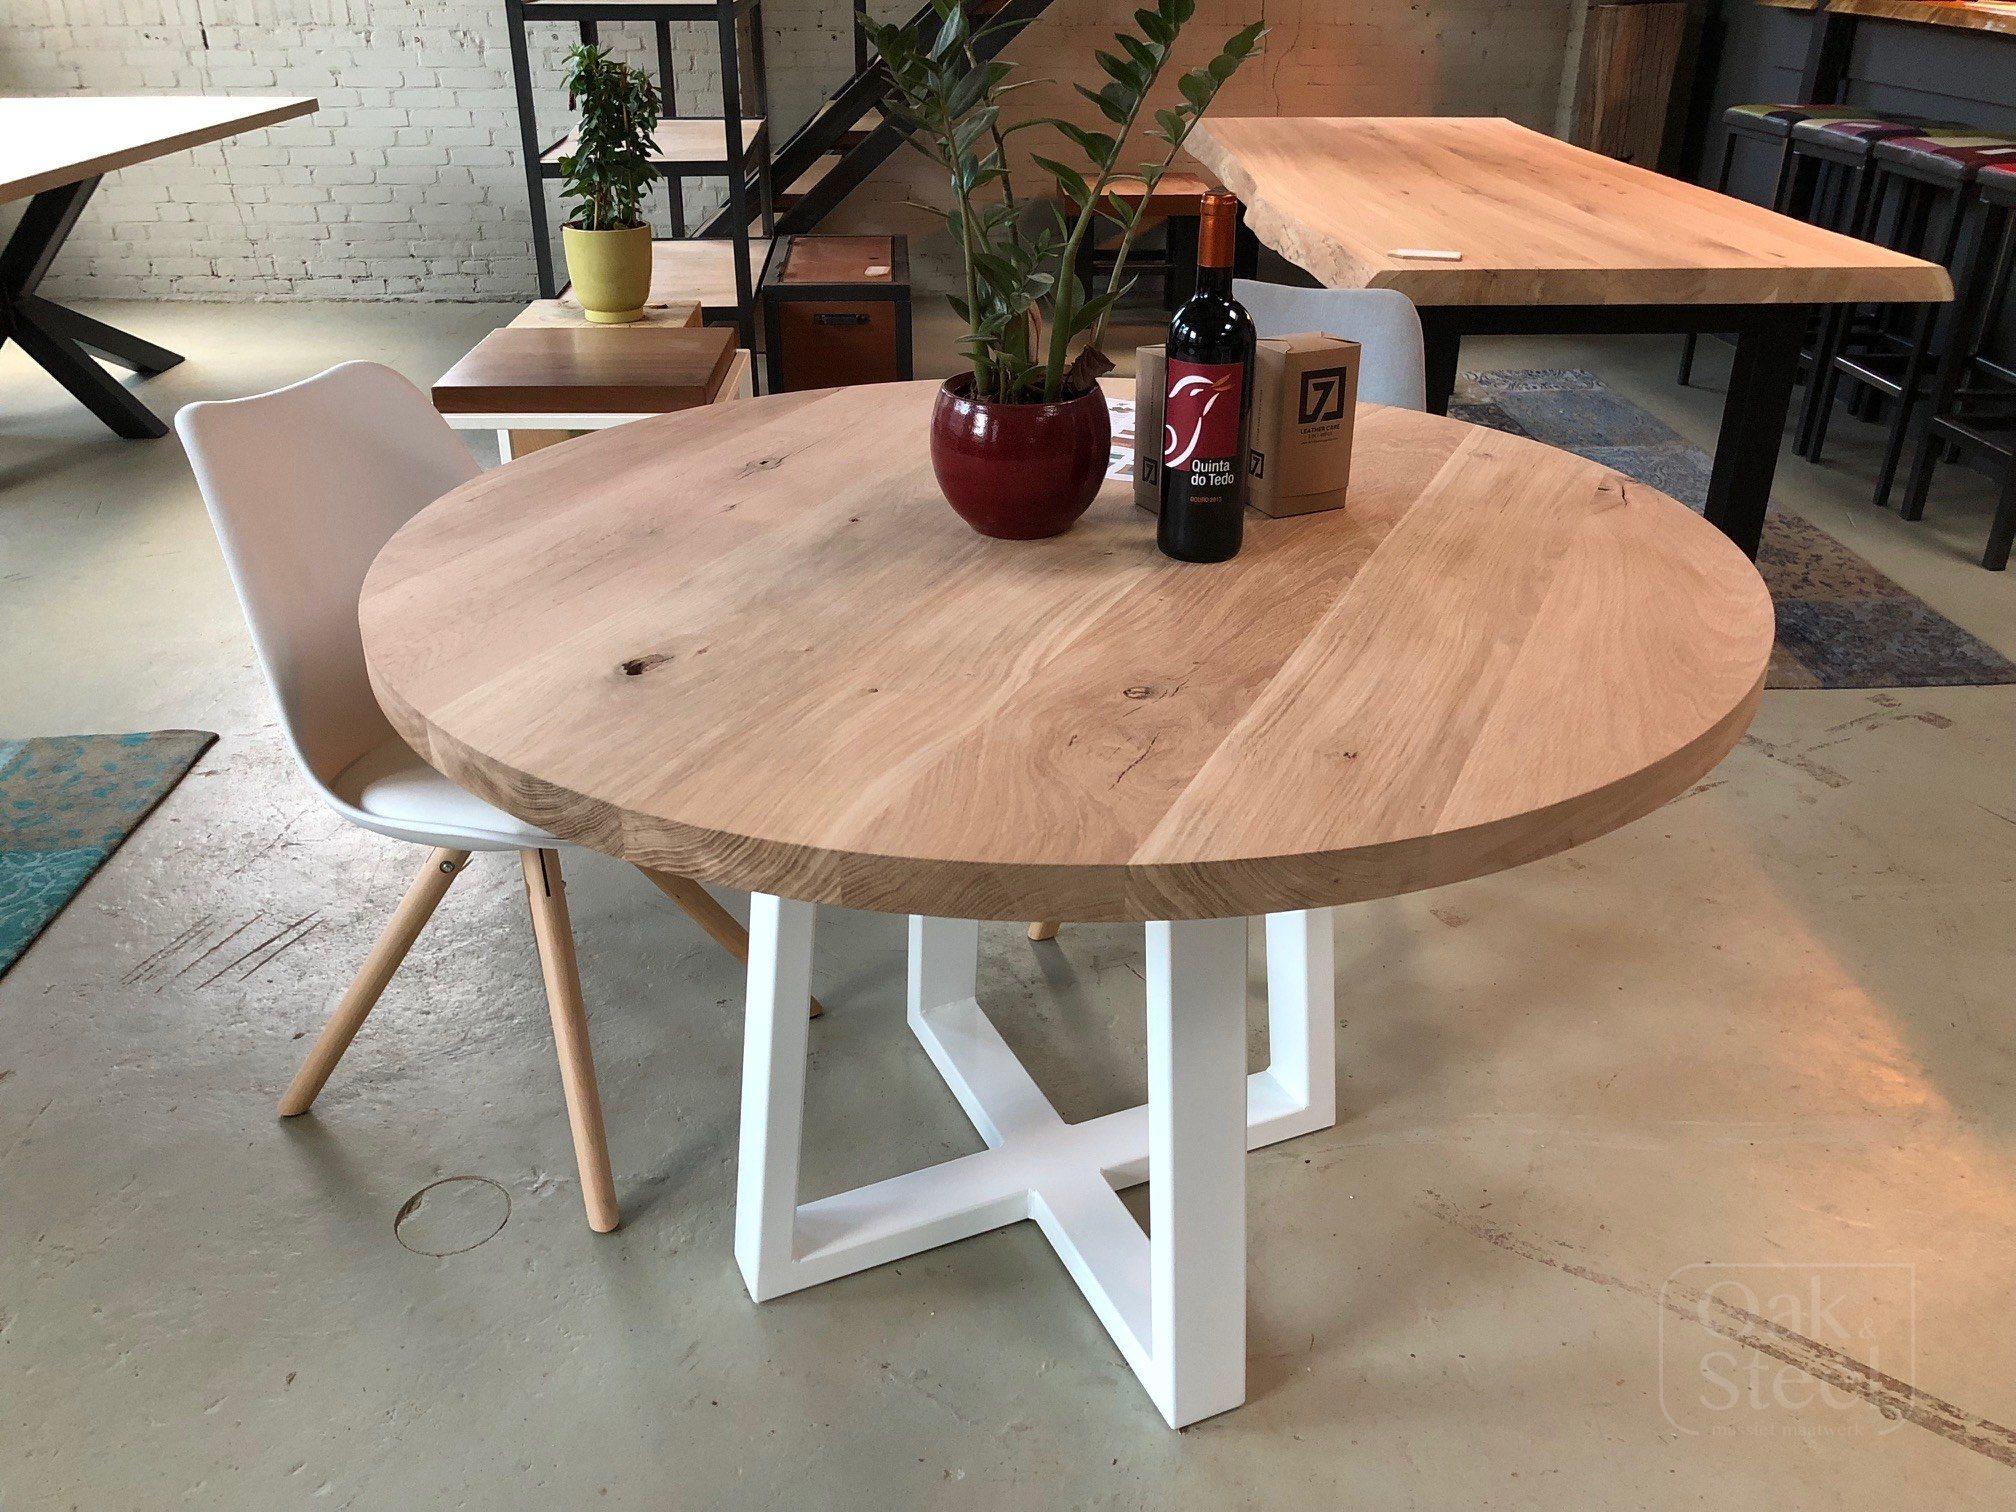 Ronde eiken tafel van 4 cm dik. Op een wit onderstel